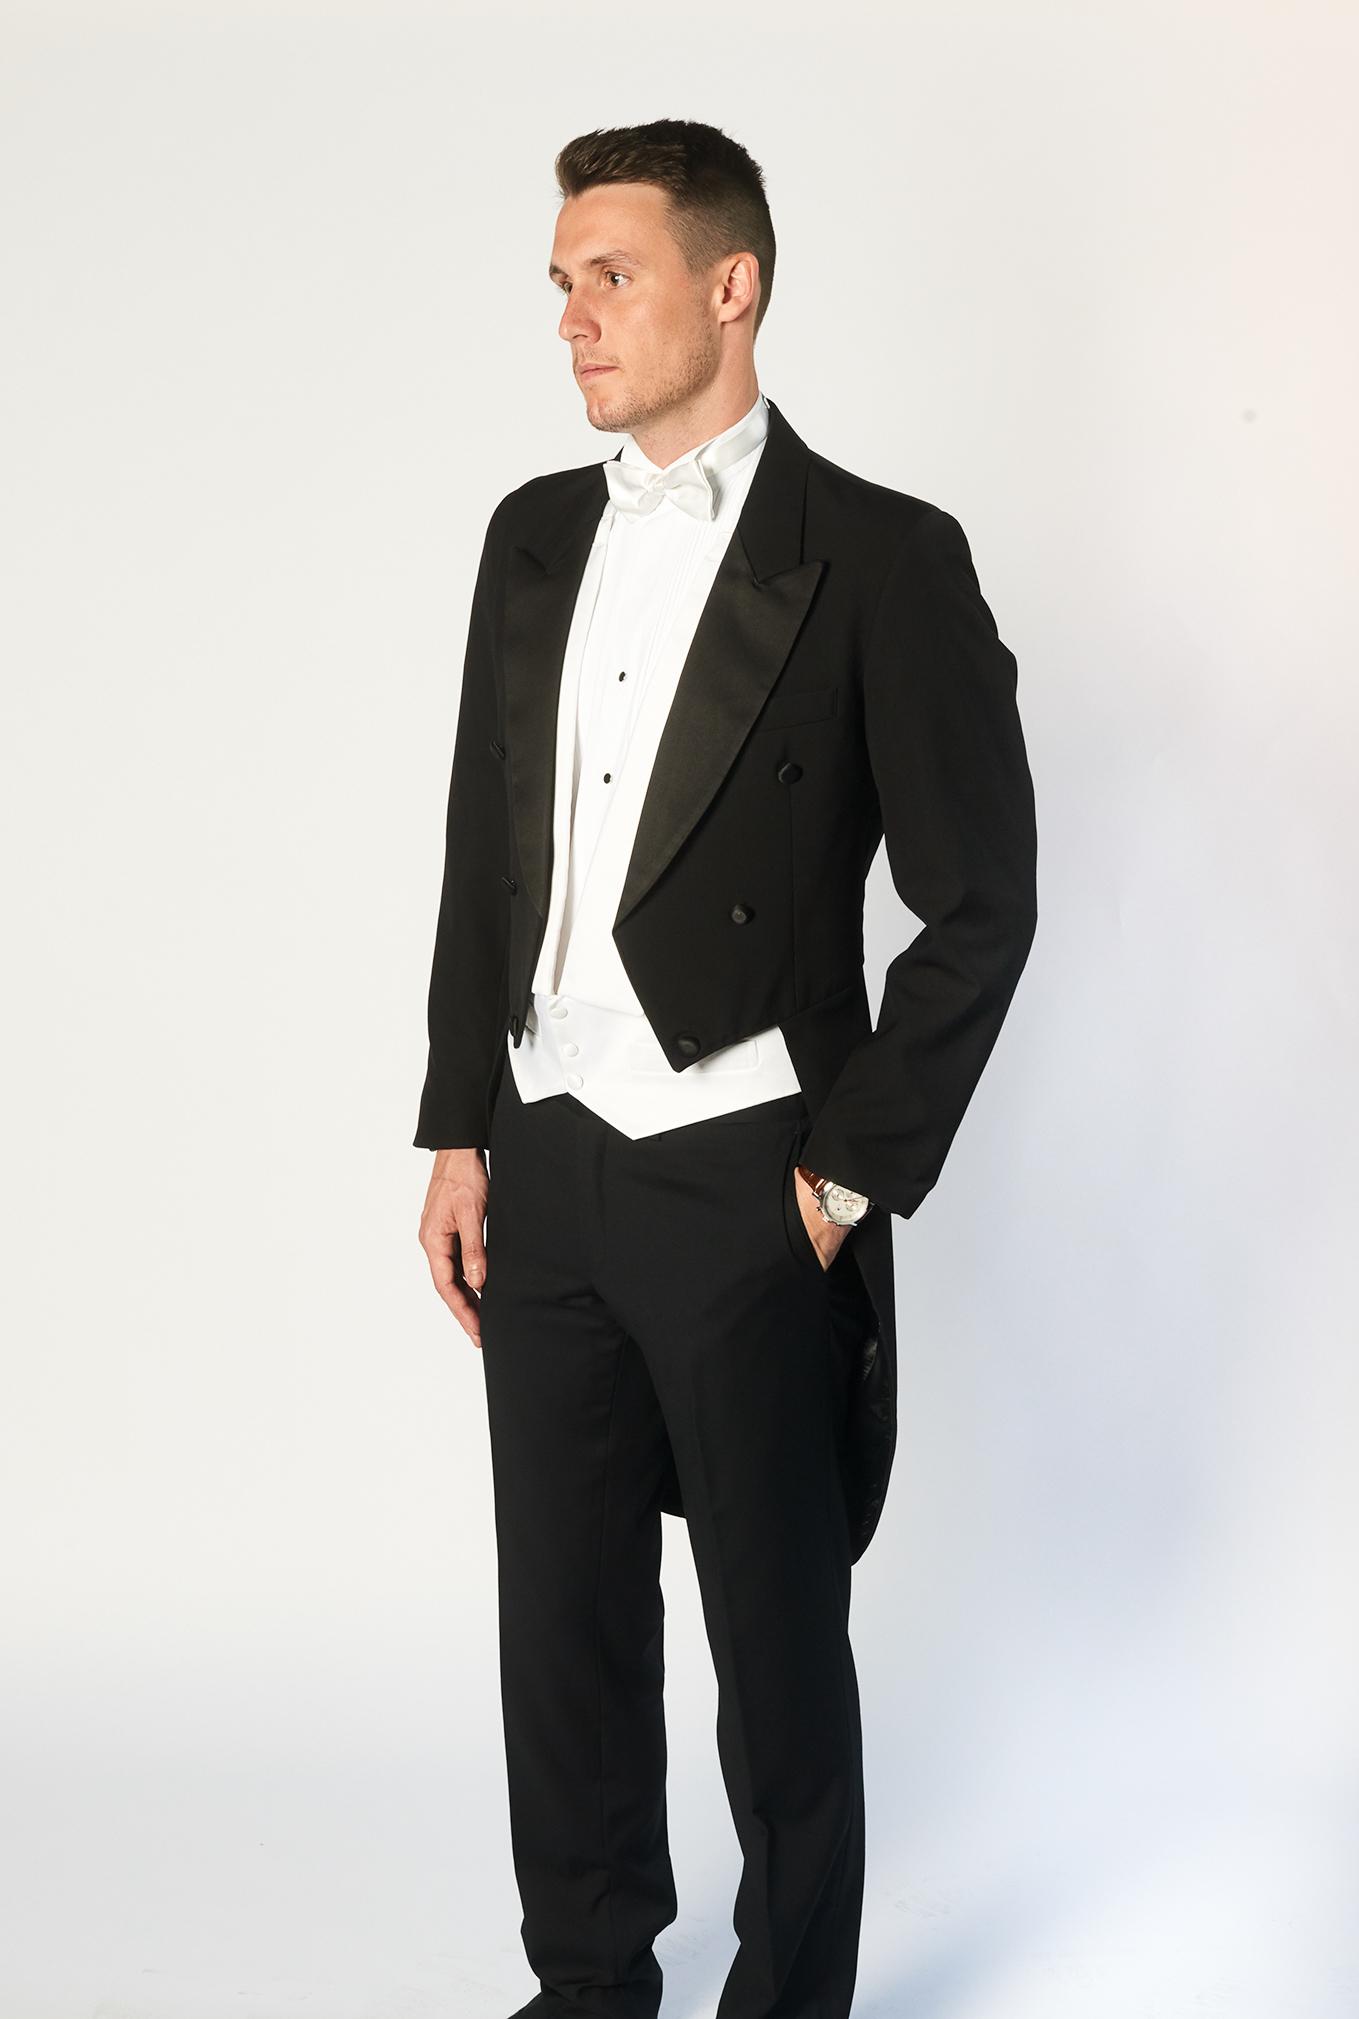 The Tails black suit